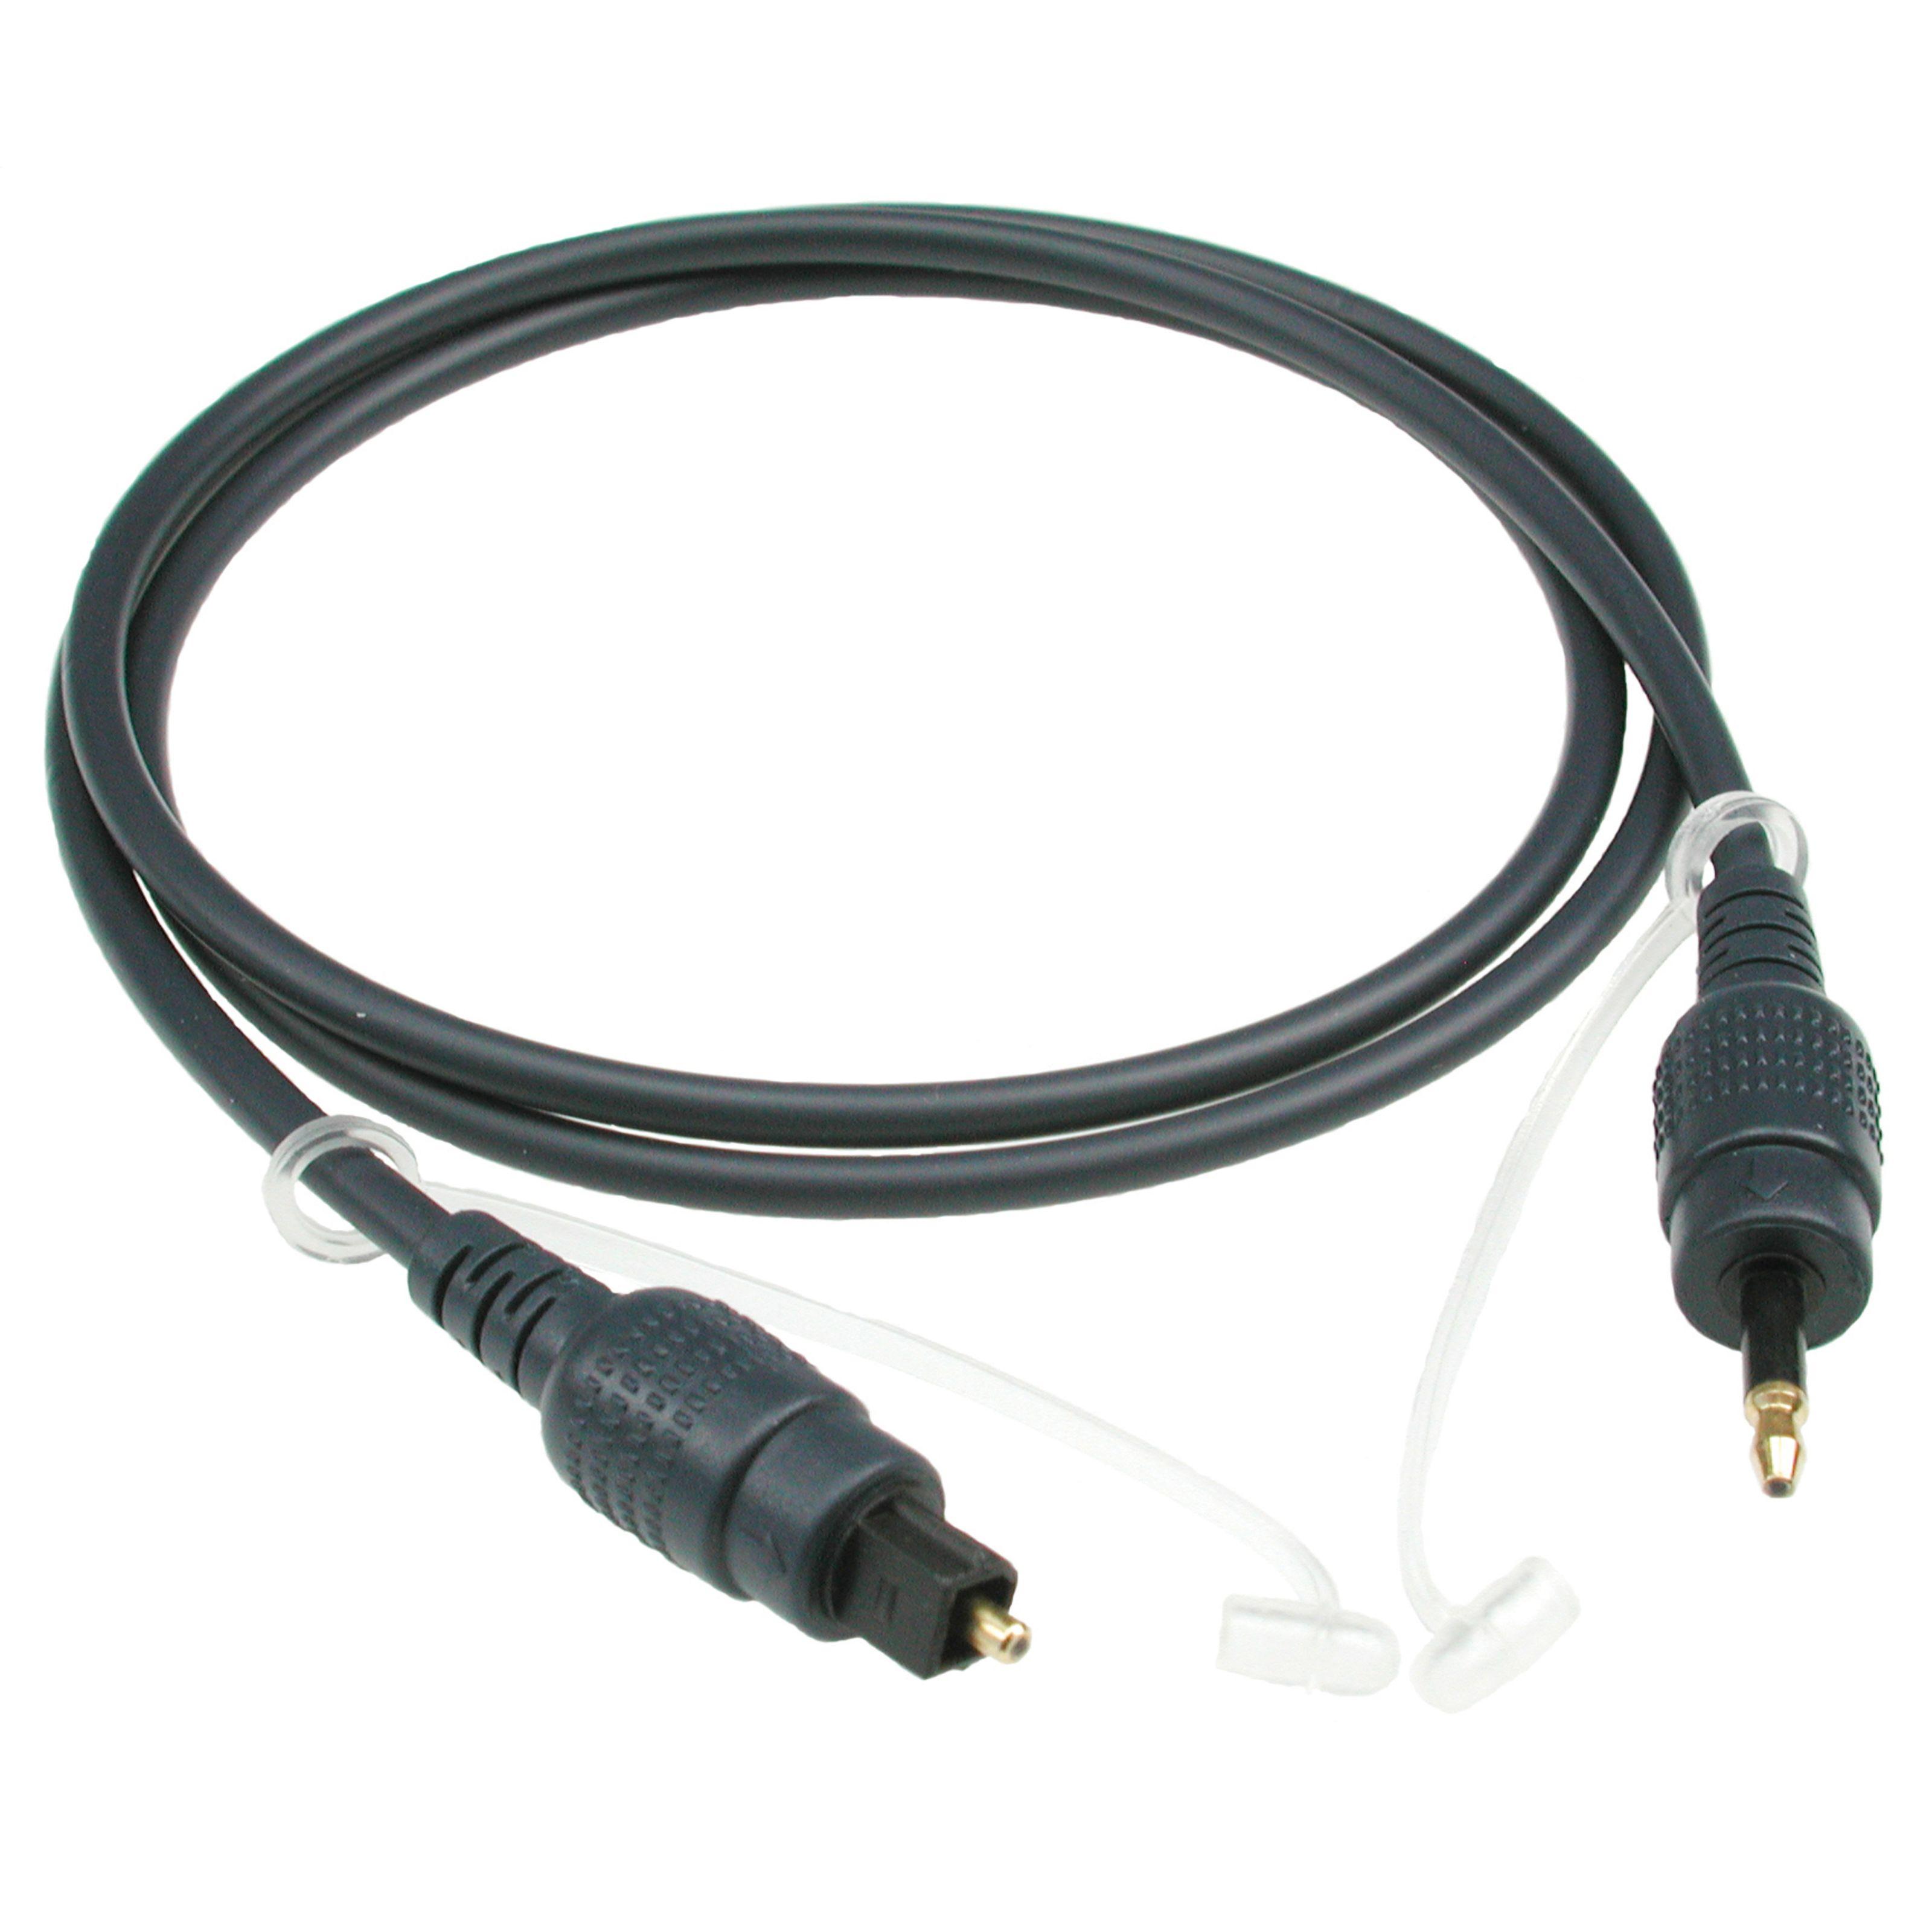 Klotz - Toslink-Kabel - Mini-Klinke 1m Toslink - opt. 3,5mm Klinke FOPTM01